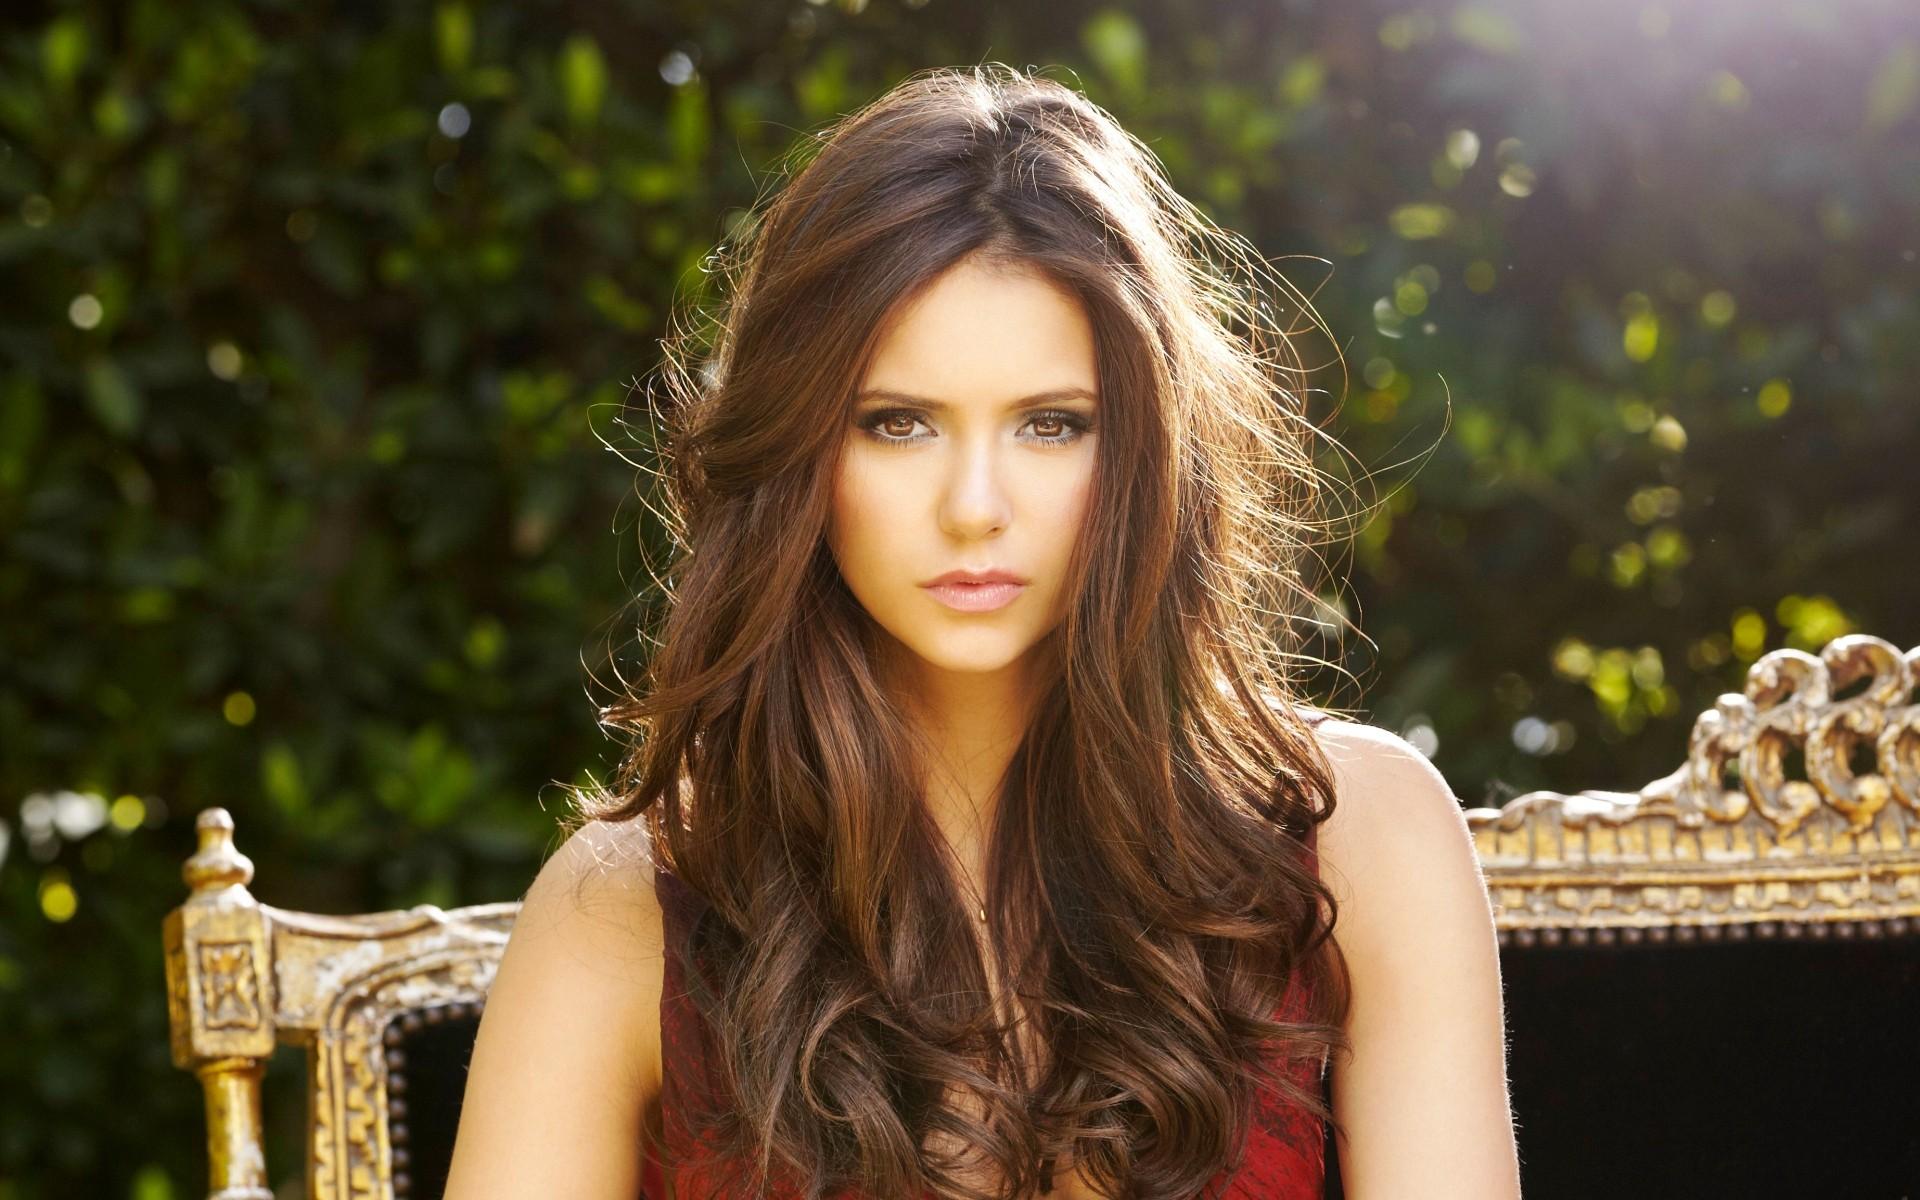 Wallpaper Face Women Model Long Hair Brunette Actress Dress